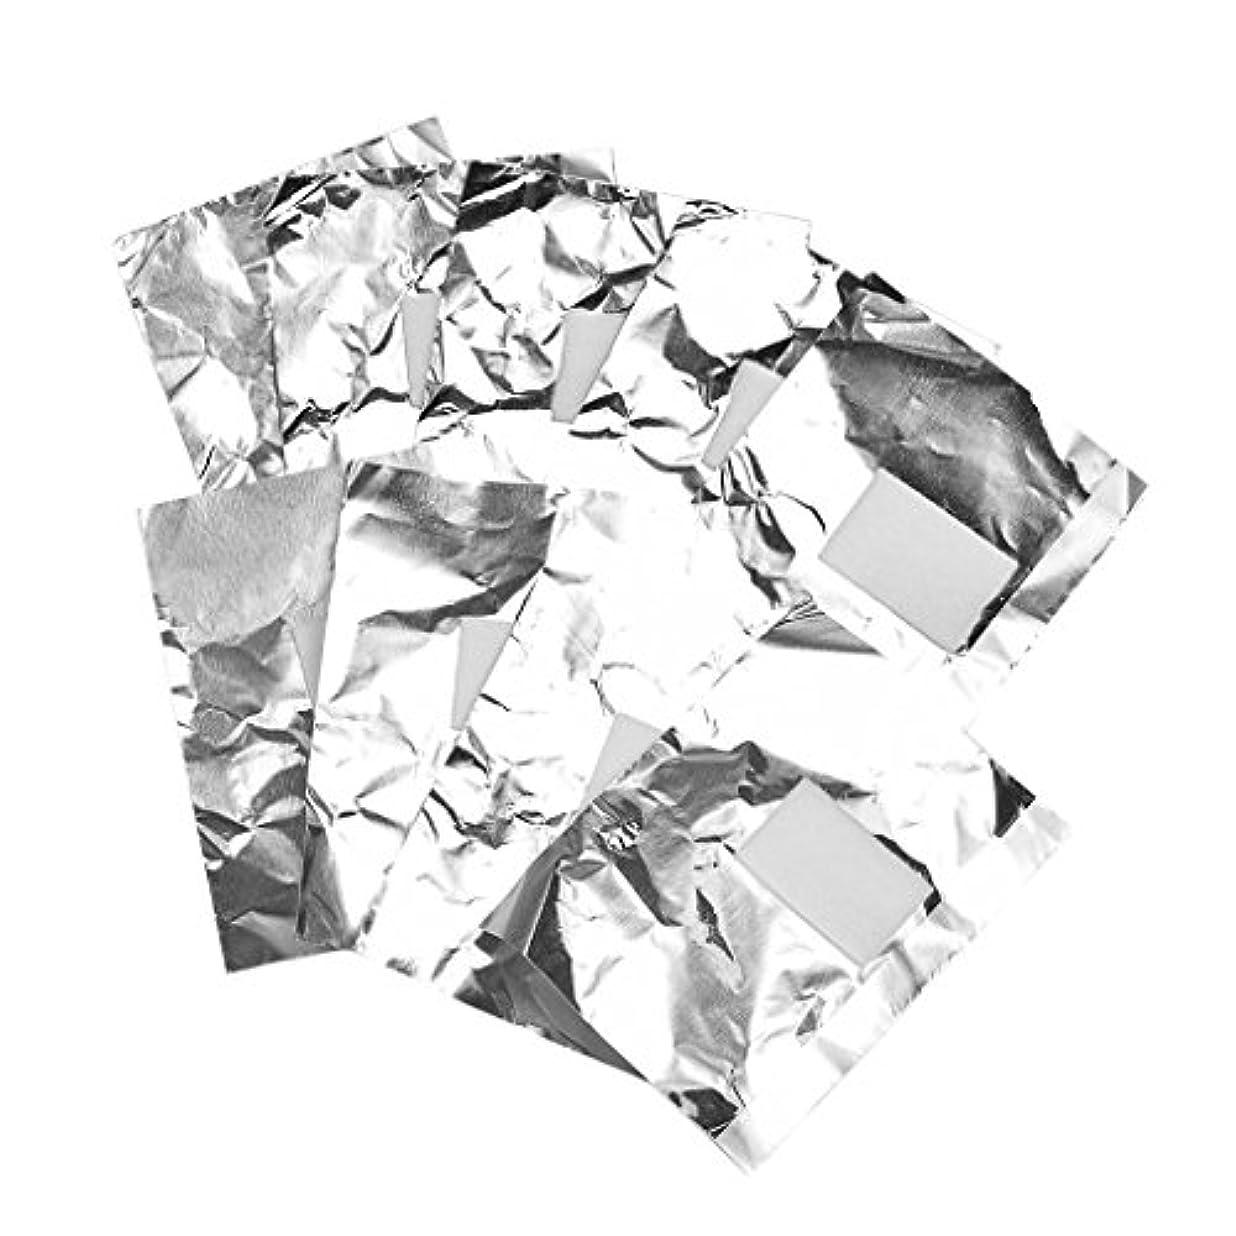 学習必要とする挑発するPerfk 約100枚 ジェル除却 ネイルアート 錫箔紙 のり除却可能 ネイルオイル クリーナーツール 爪装飾除き 包み紙